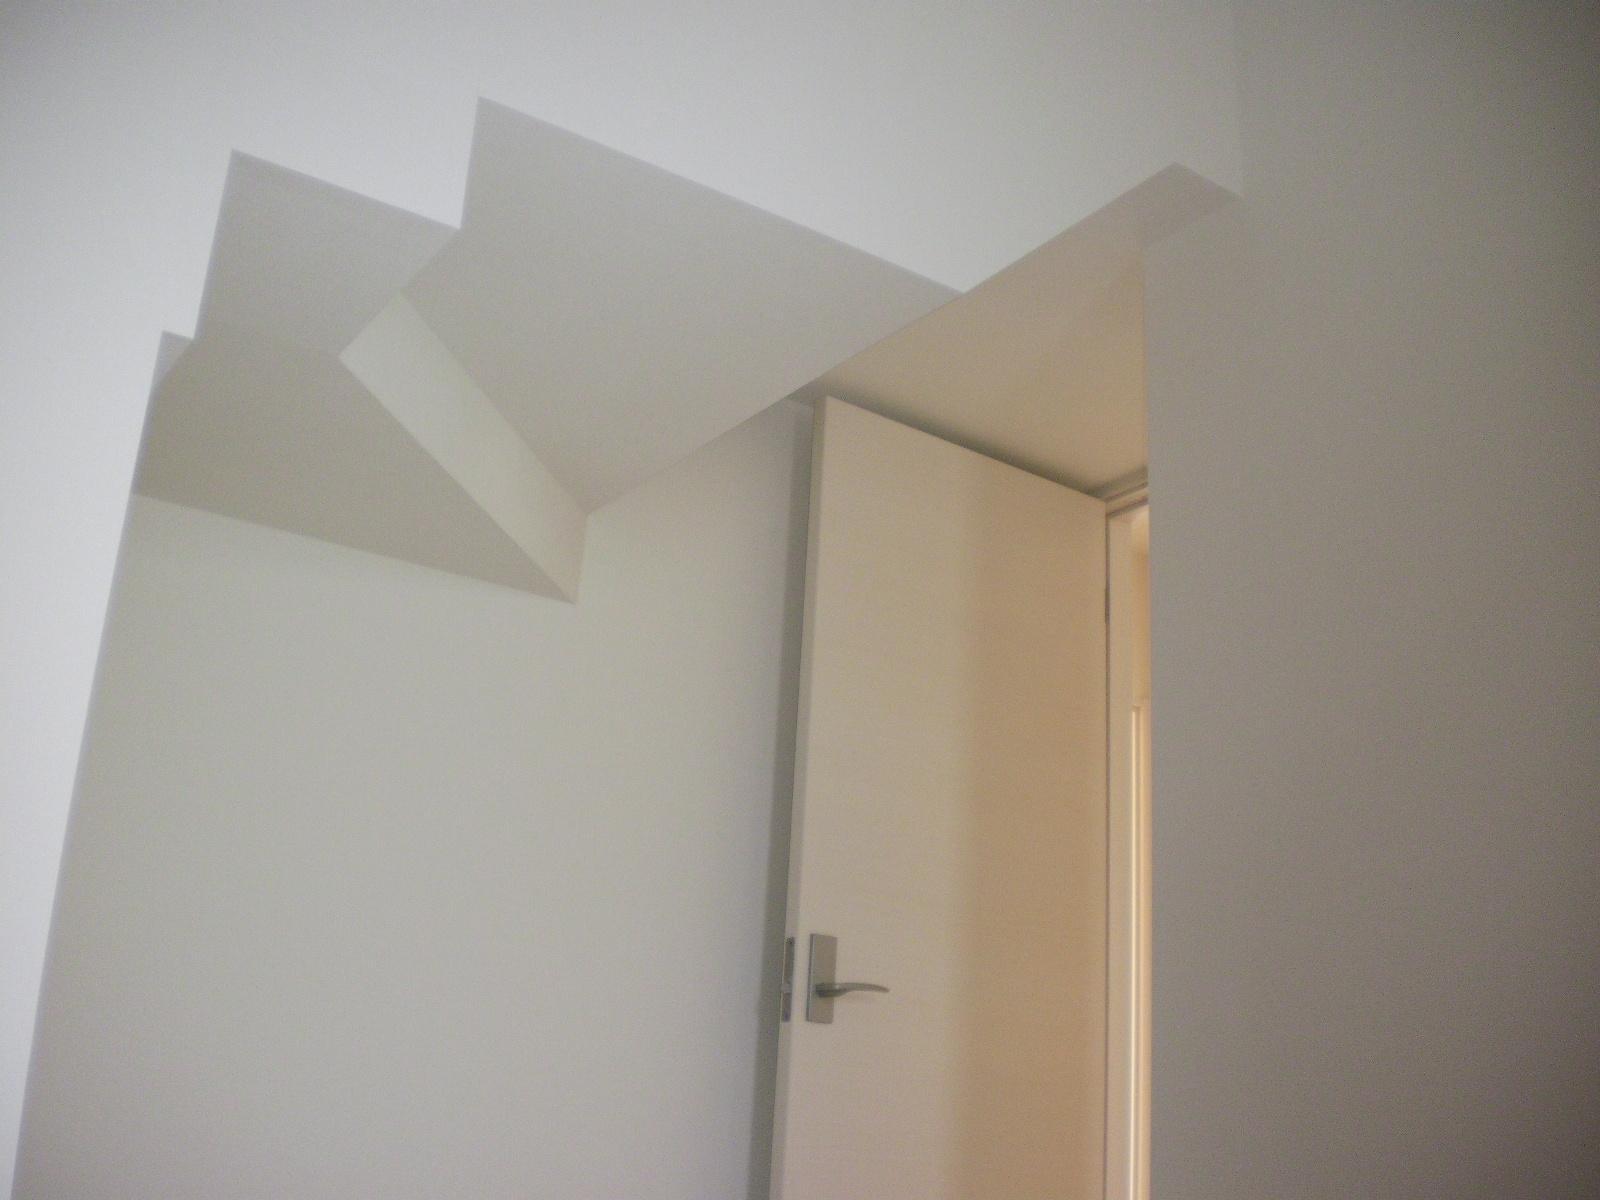 階段下と納戸の組み合わせ 無駄なスペースはありません。